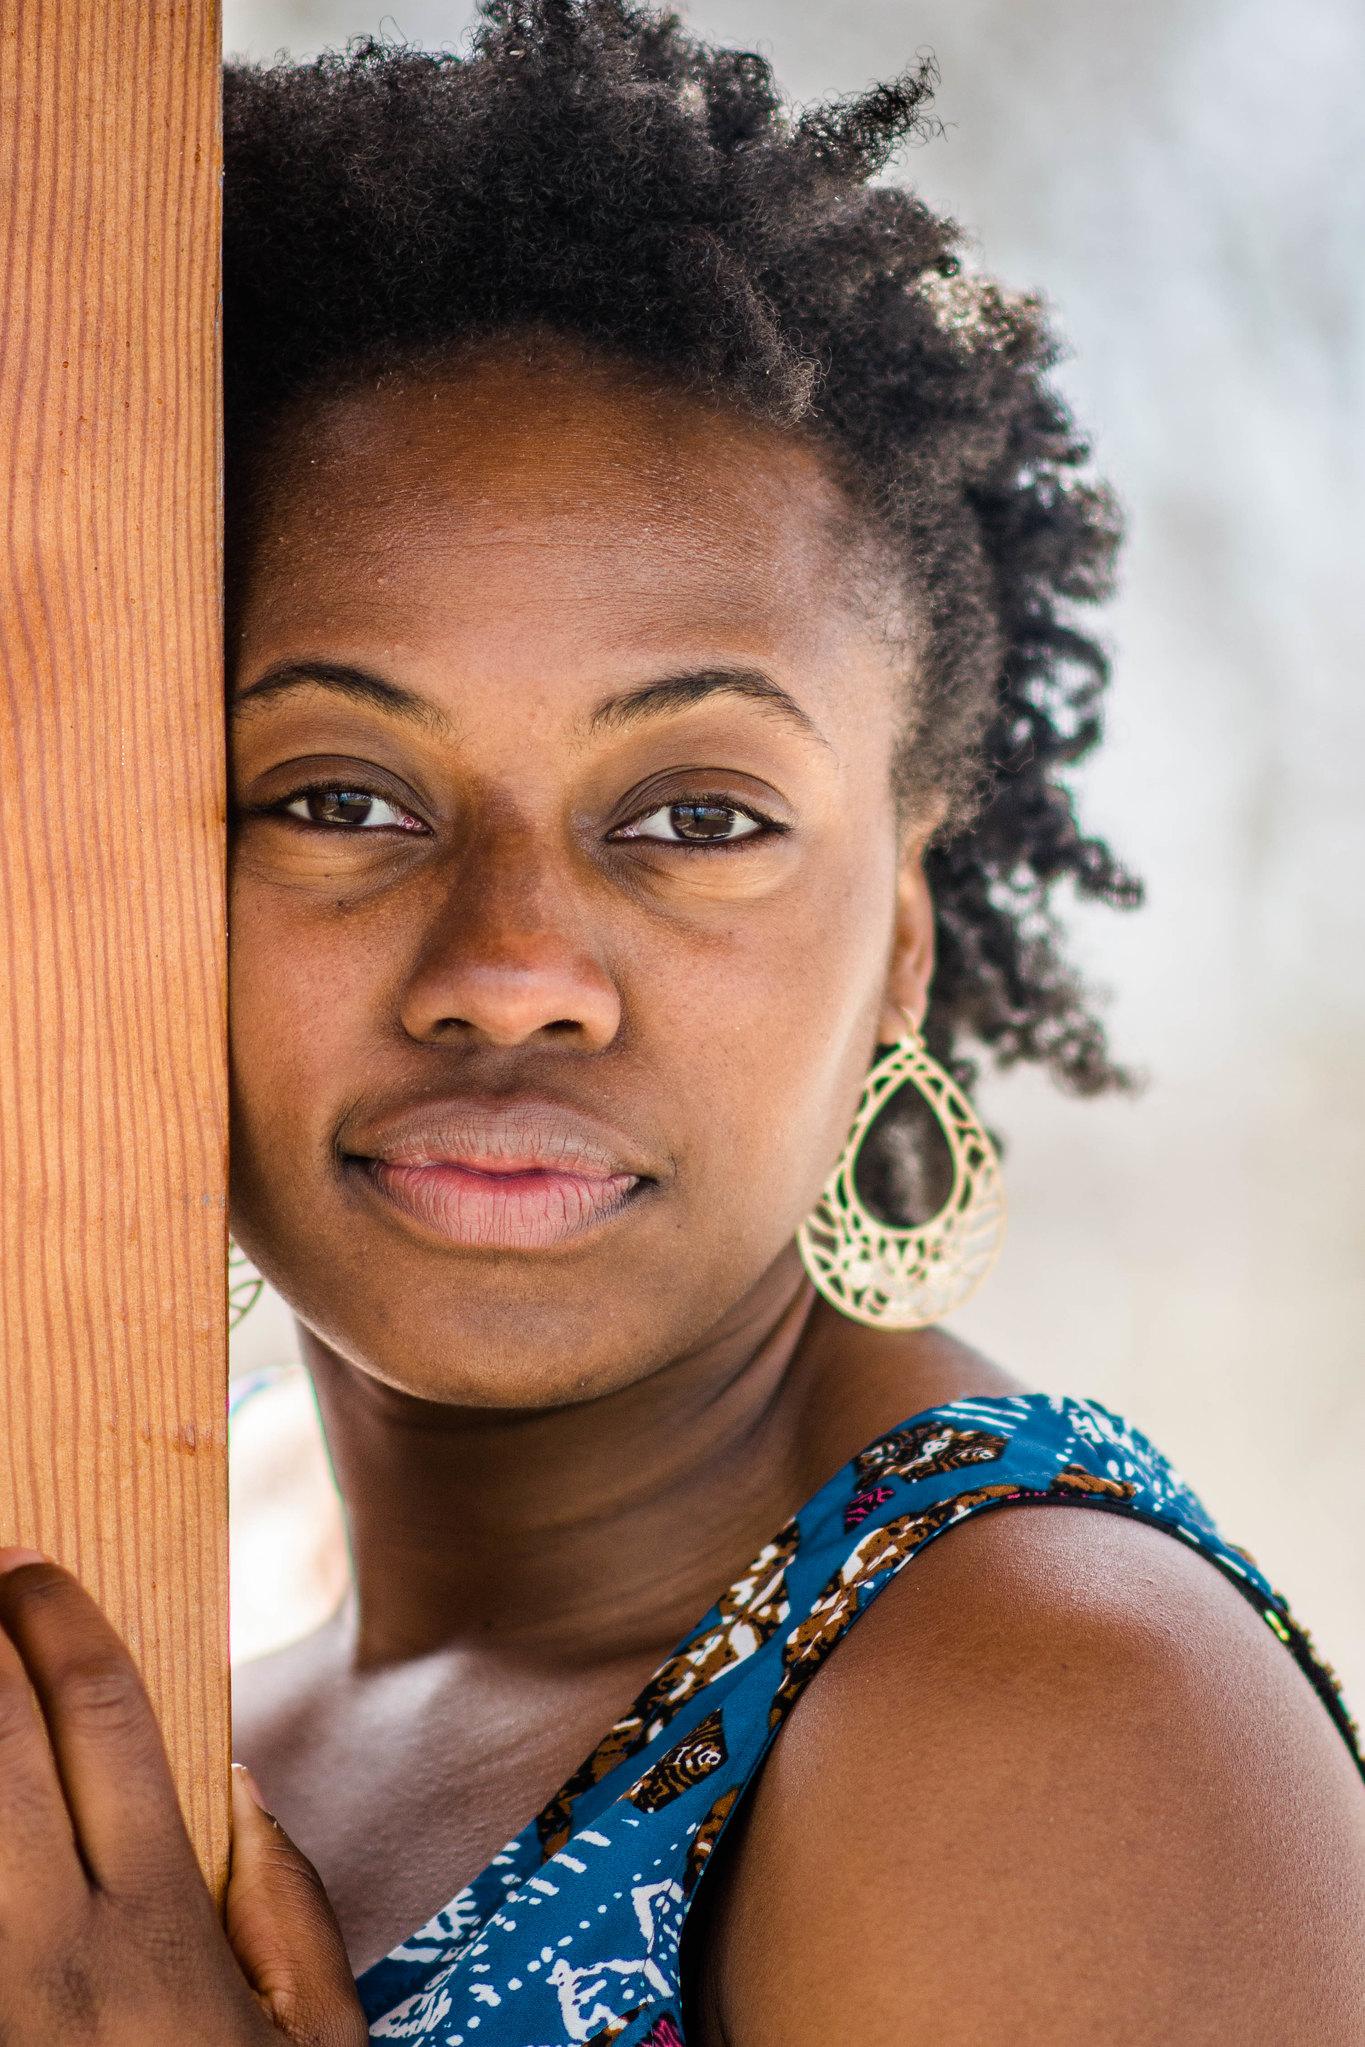 Joy O. || Portraits